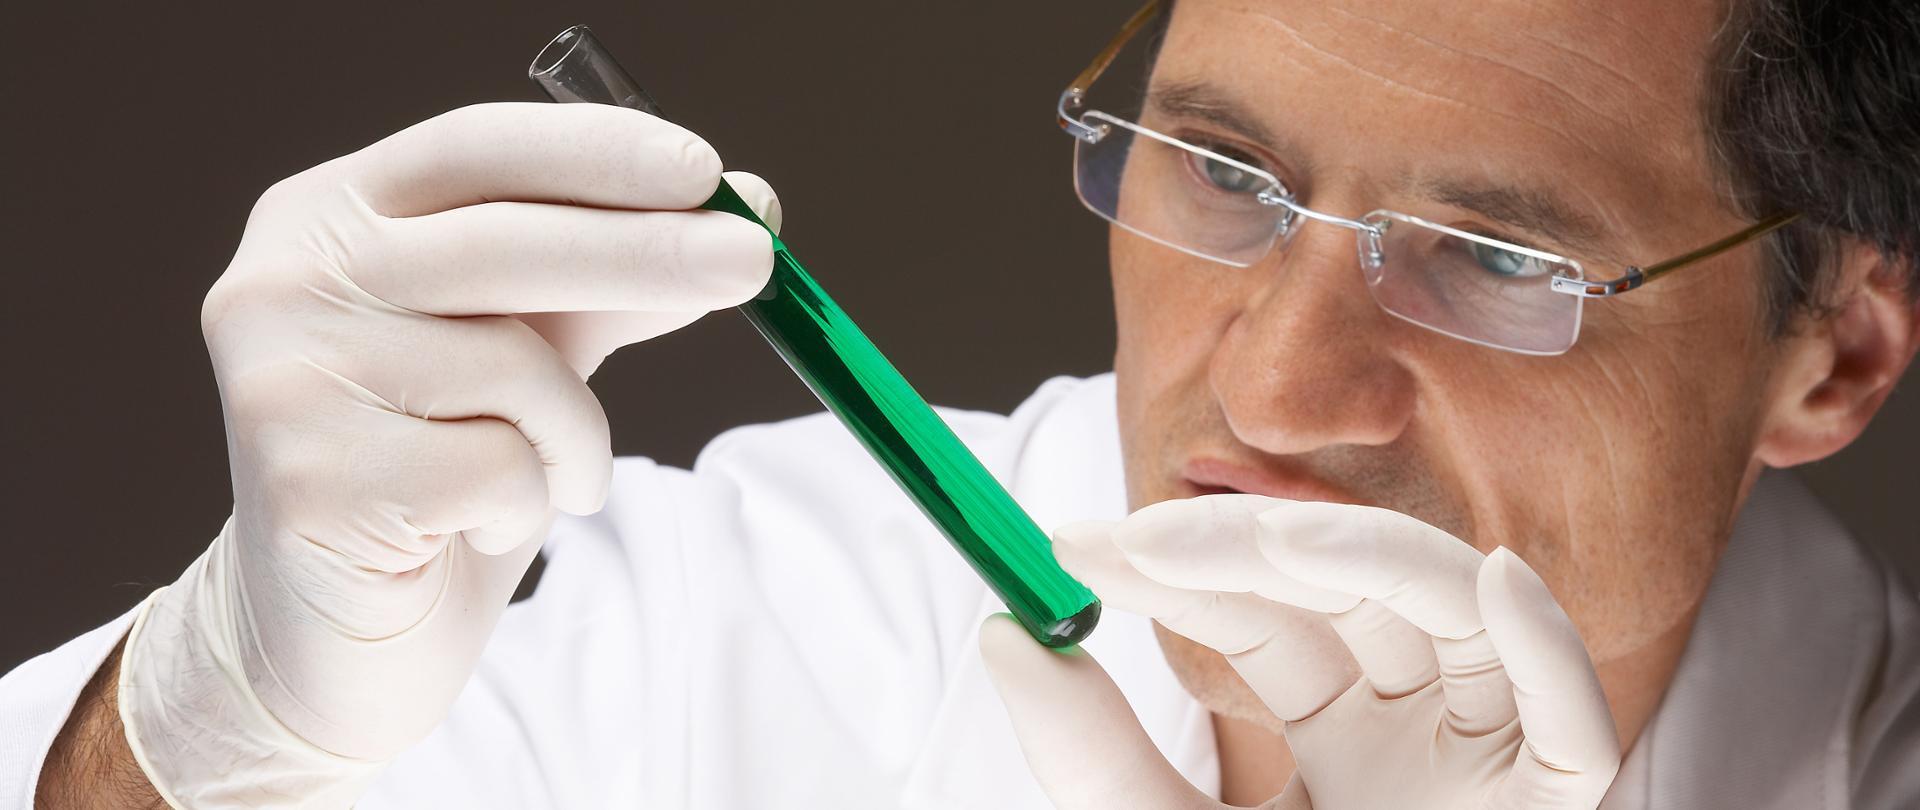 Naukowiec w białym fartuchu ogląda zawartość probówki.